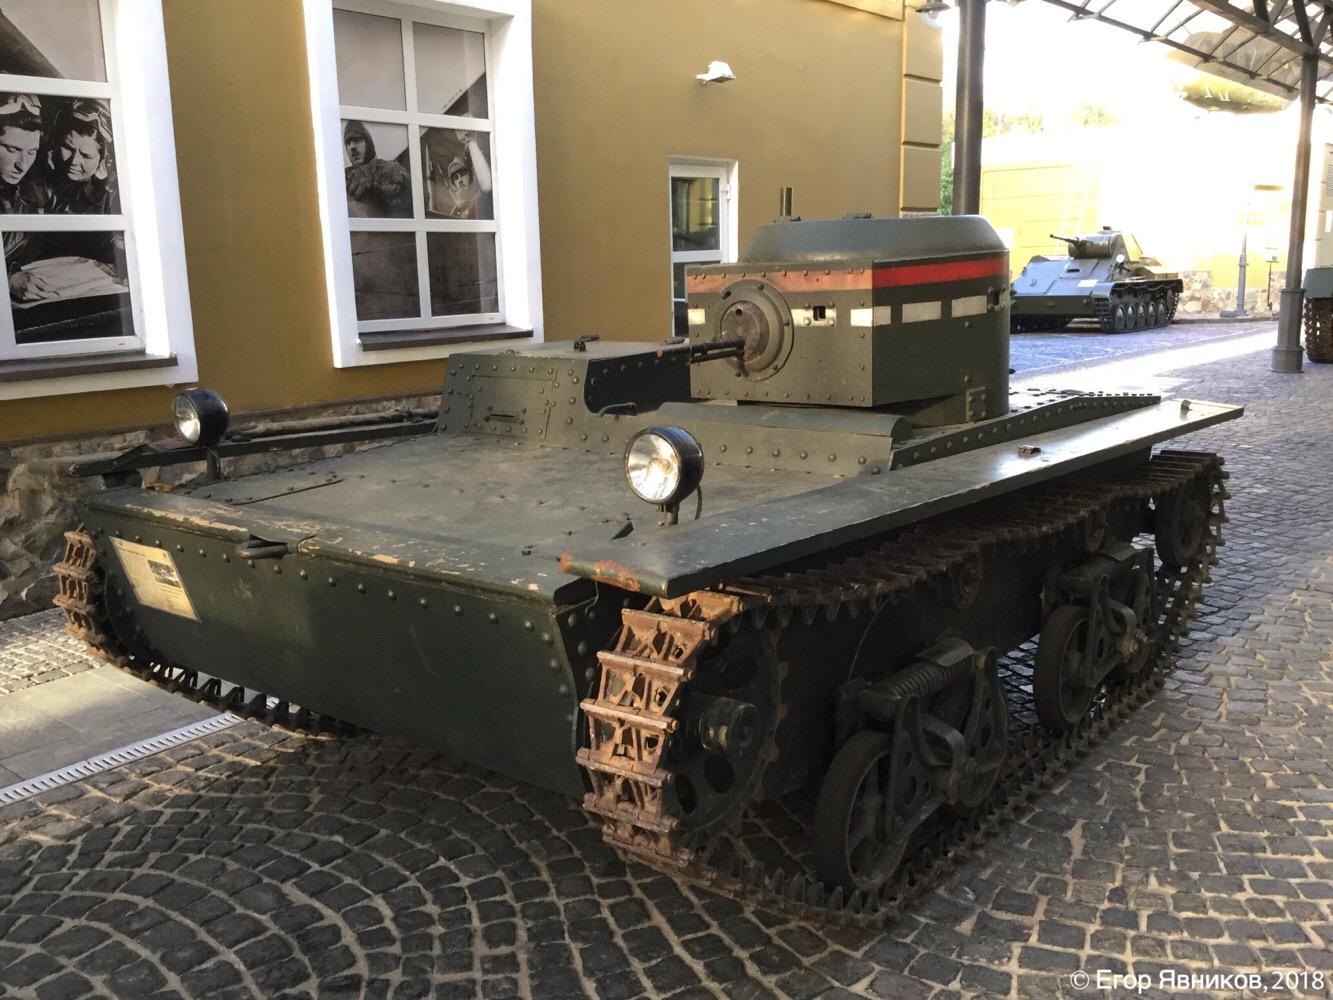 Малый плавающий танк Т-38. Московская область, Ильинское шоссе 4-ый км (Музей техники Вадима Задорожного)